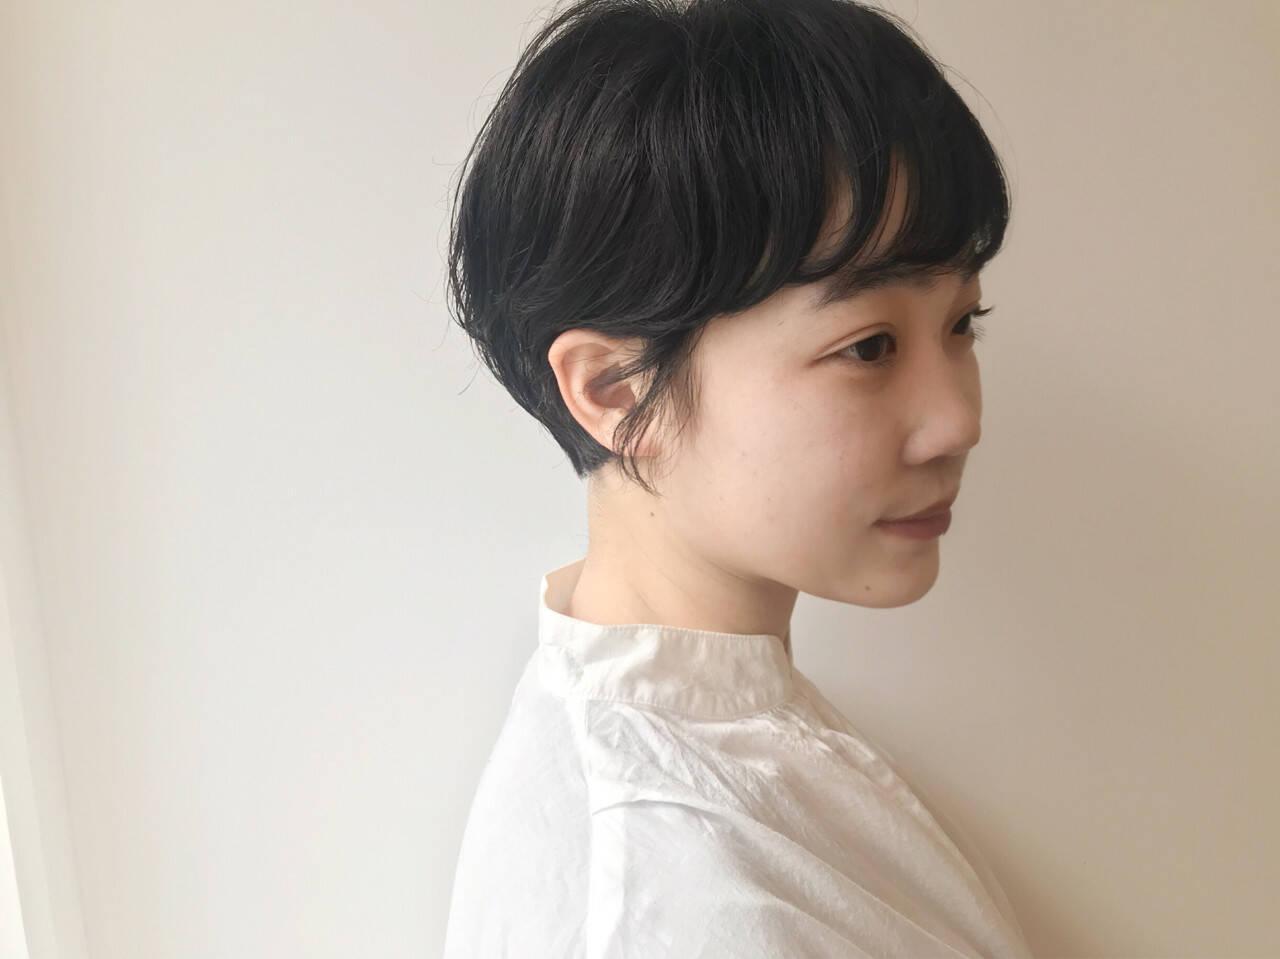 黒髪 パーマ ショート ショートボブヘアスタイルや髪型の写真・画像